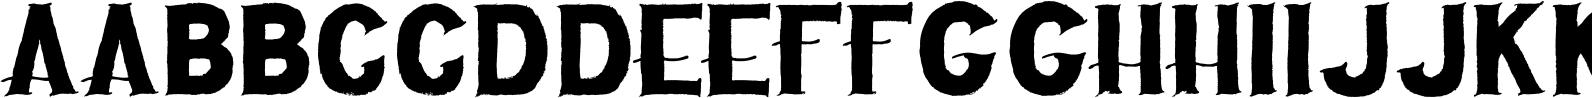 Center Voyage - SVG Font